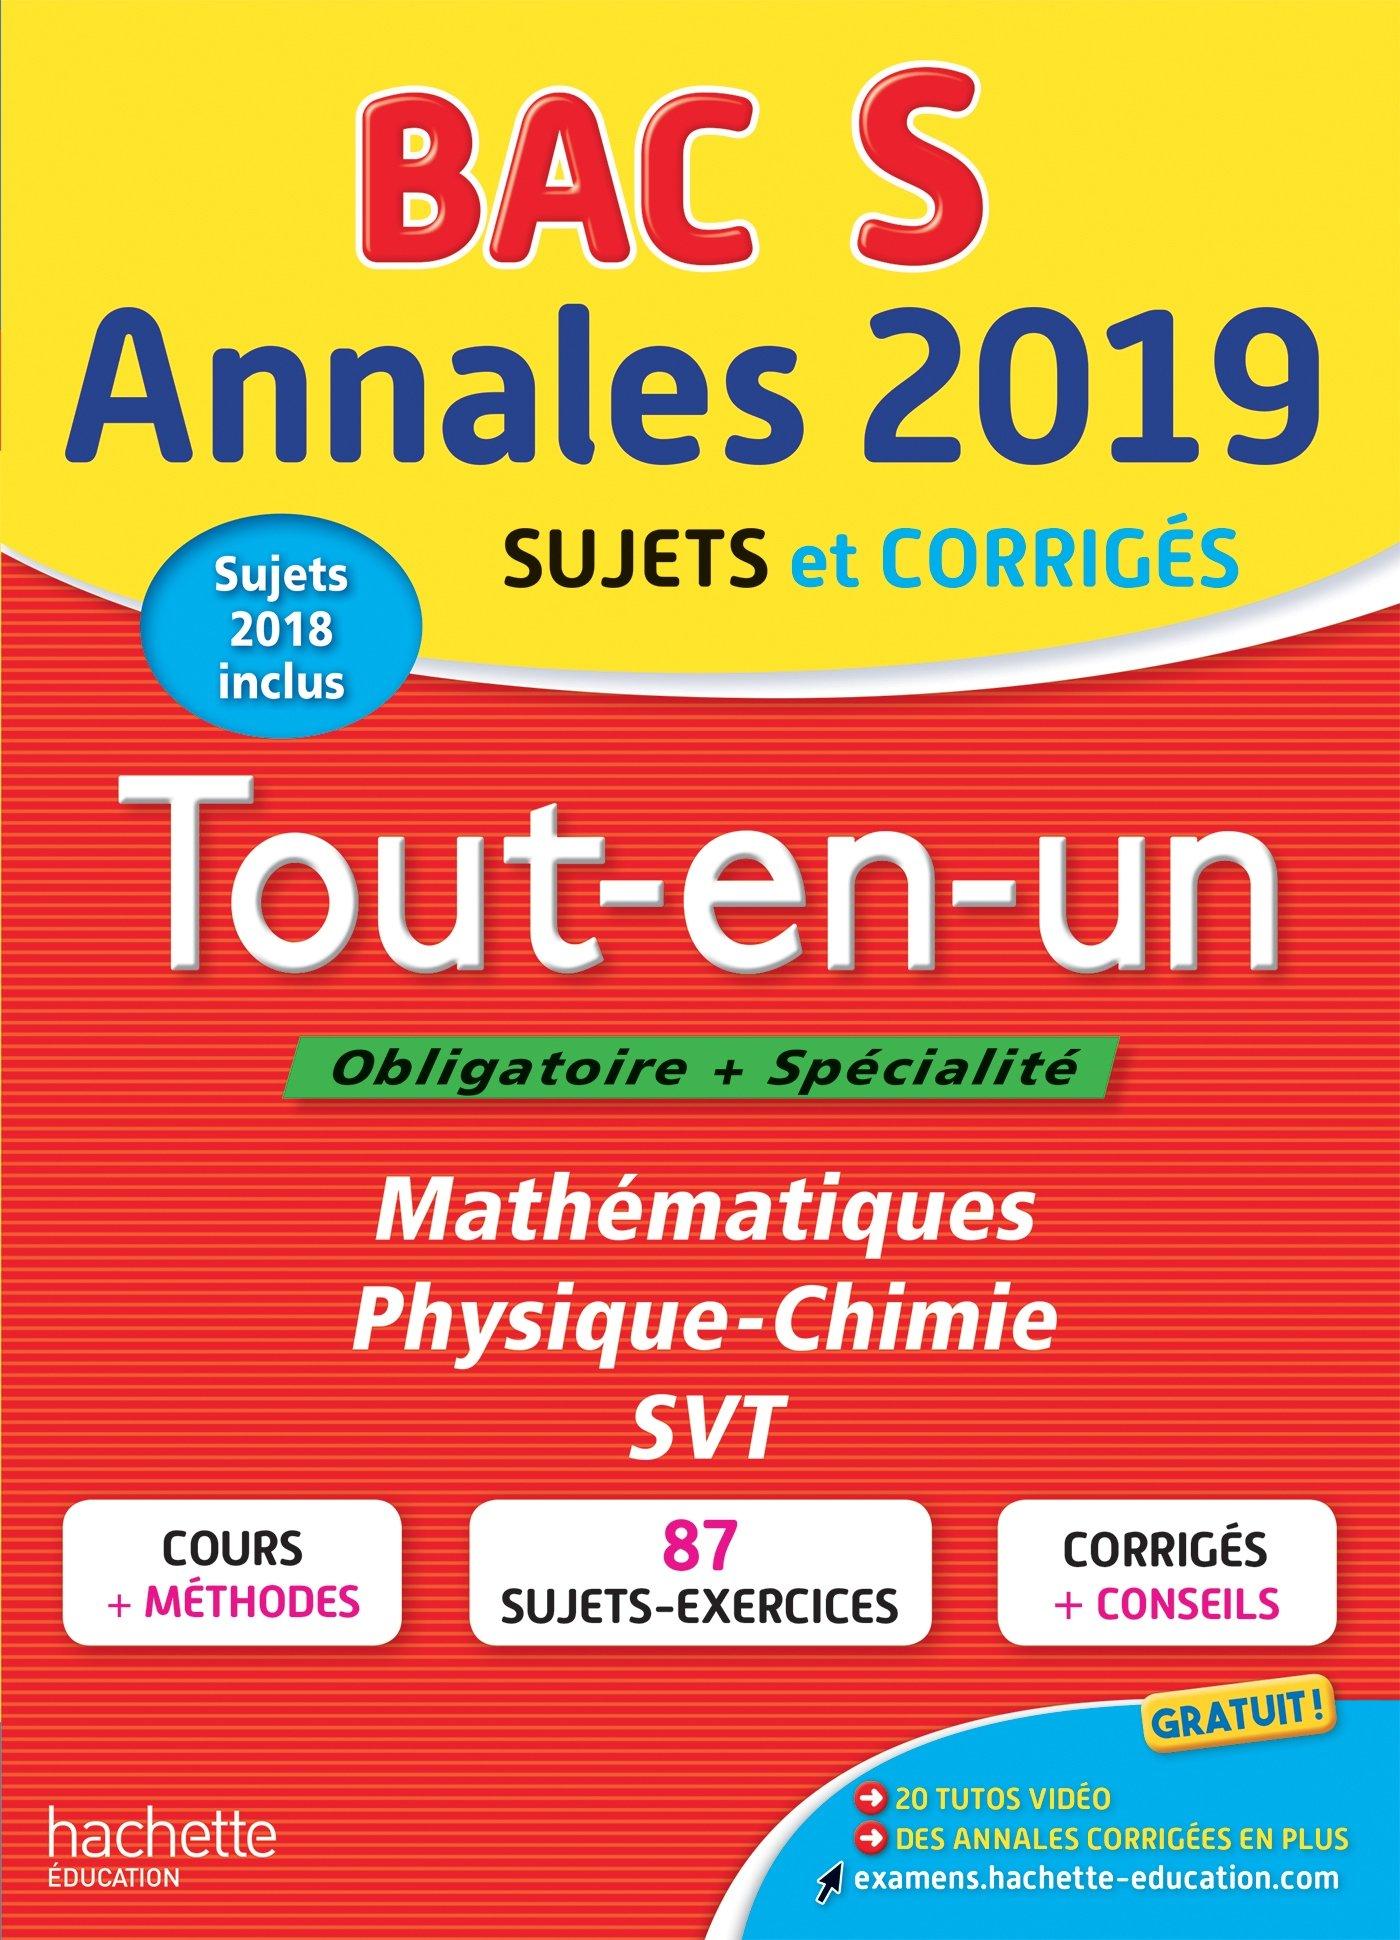 Annales Bac 2019 Tout-en-un Terminale S Annales du Bac: Amazon.es: Frédérique de La Baume-Elfassi, Patrice Delguel, Sandrine Dubois, Sandrine Bodini-Lefranc ...